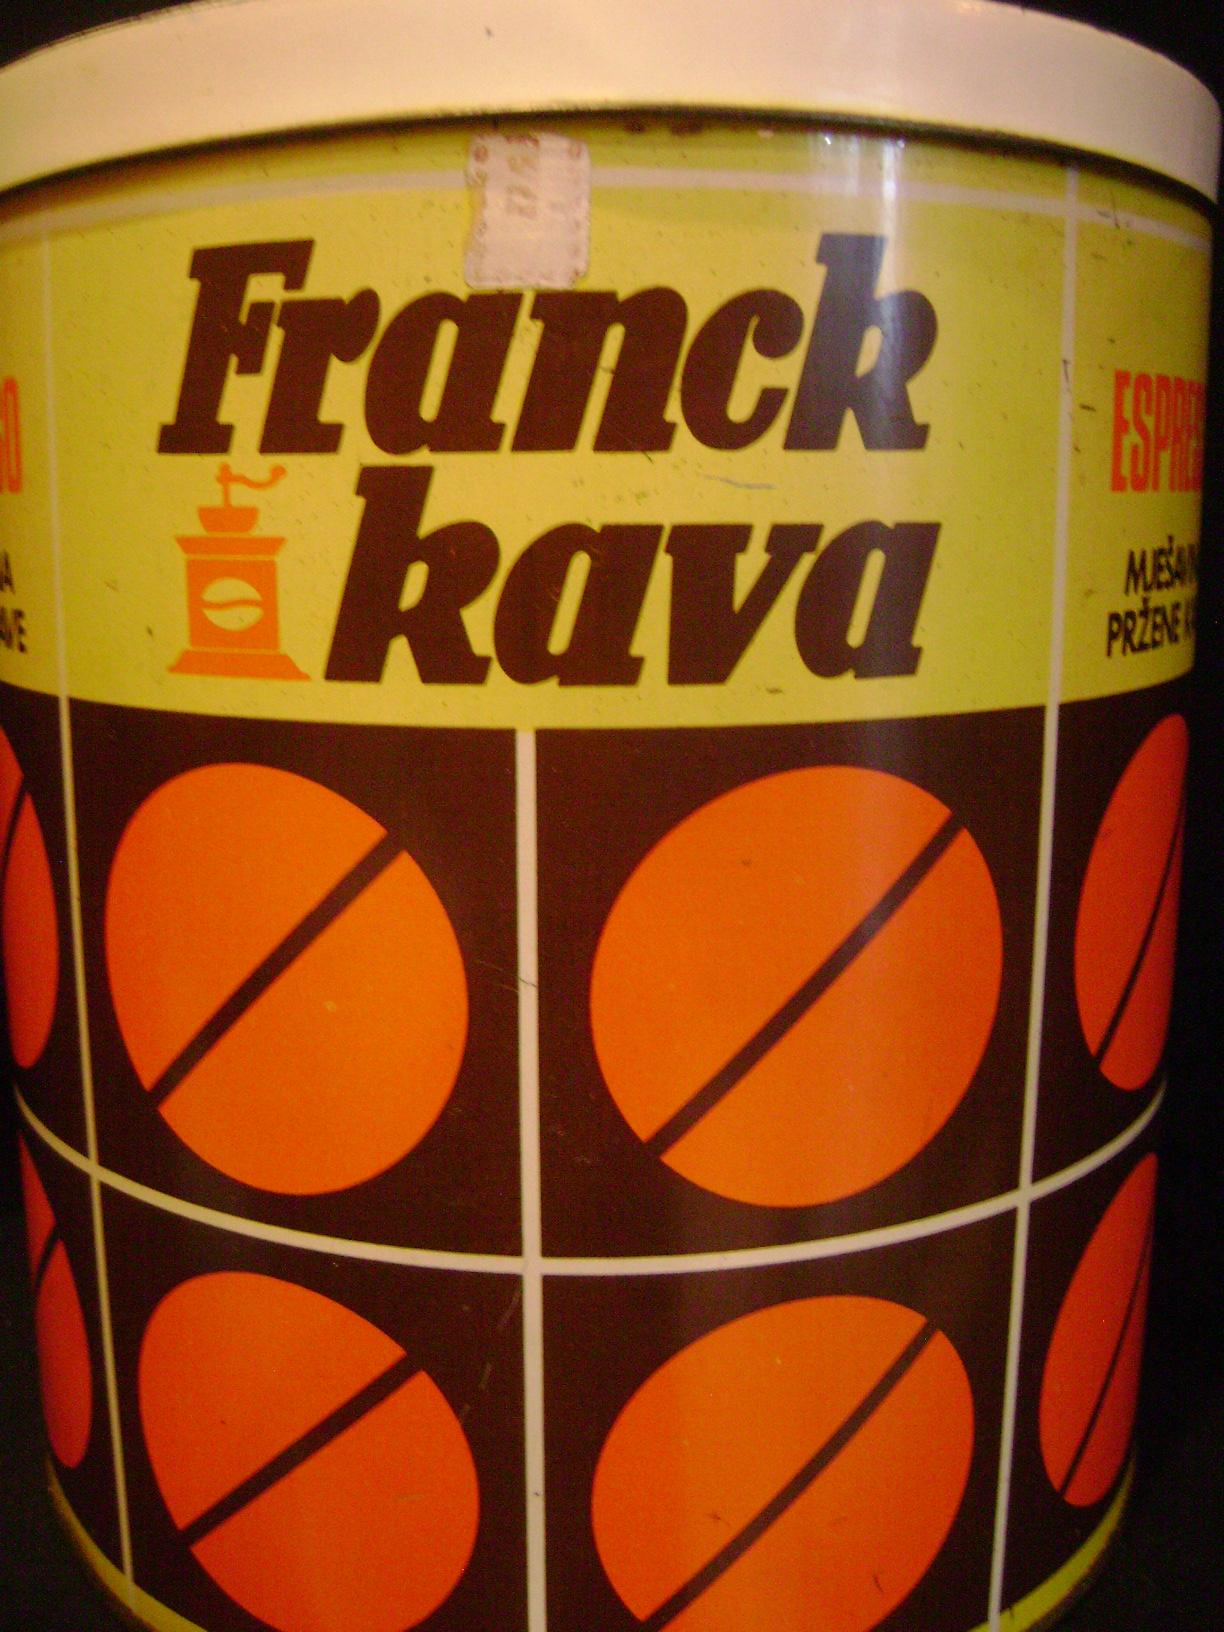 Limena_kutija_Espresso_Franck_kava_4.JPG